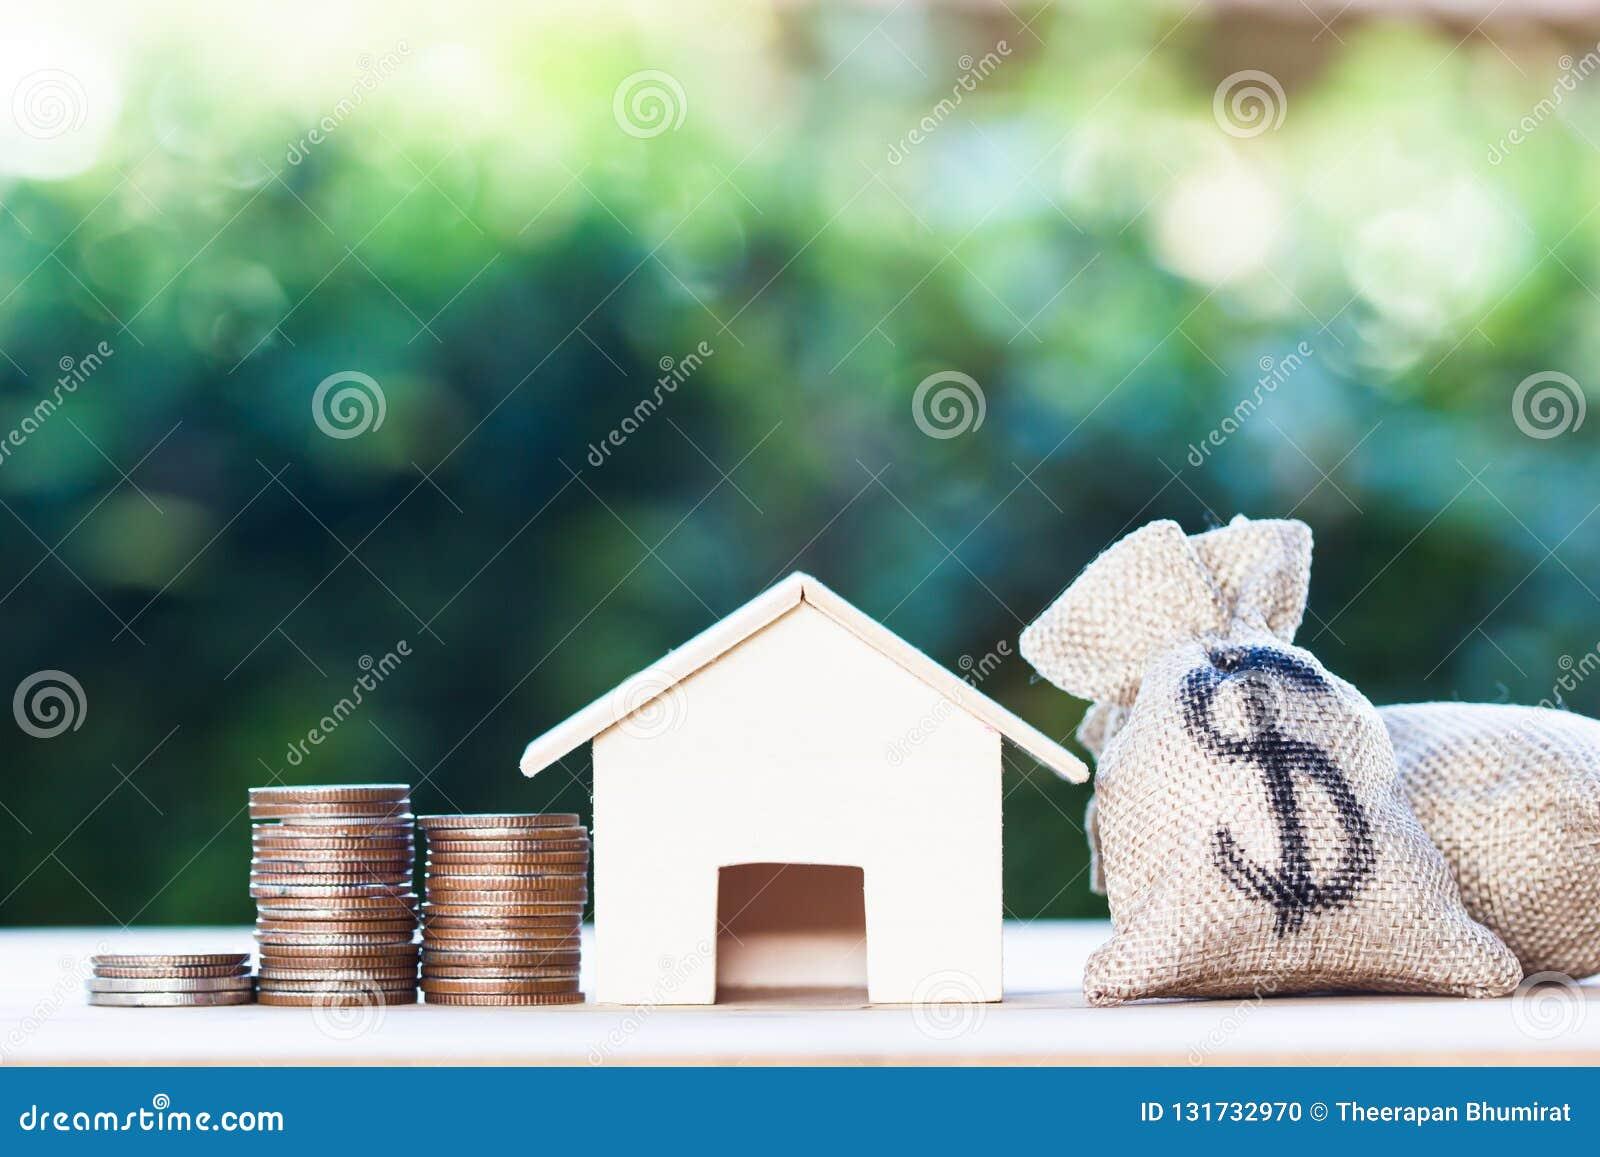 房屋贷款,抵押,债务,家庭买的概念的储款金钱:在金钱袋子的美元,小住宅,房子模型